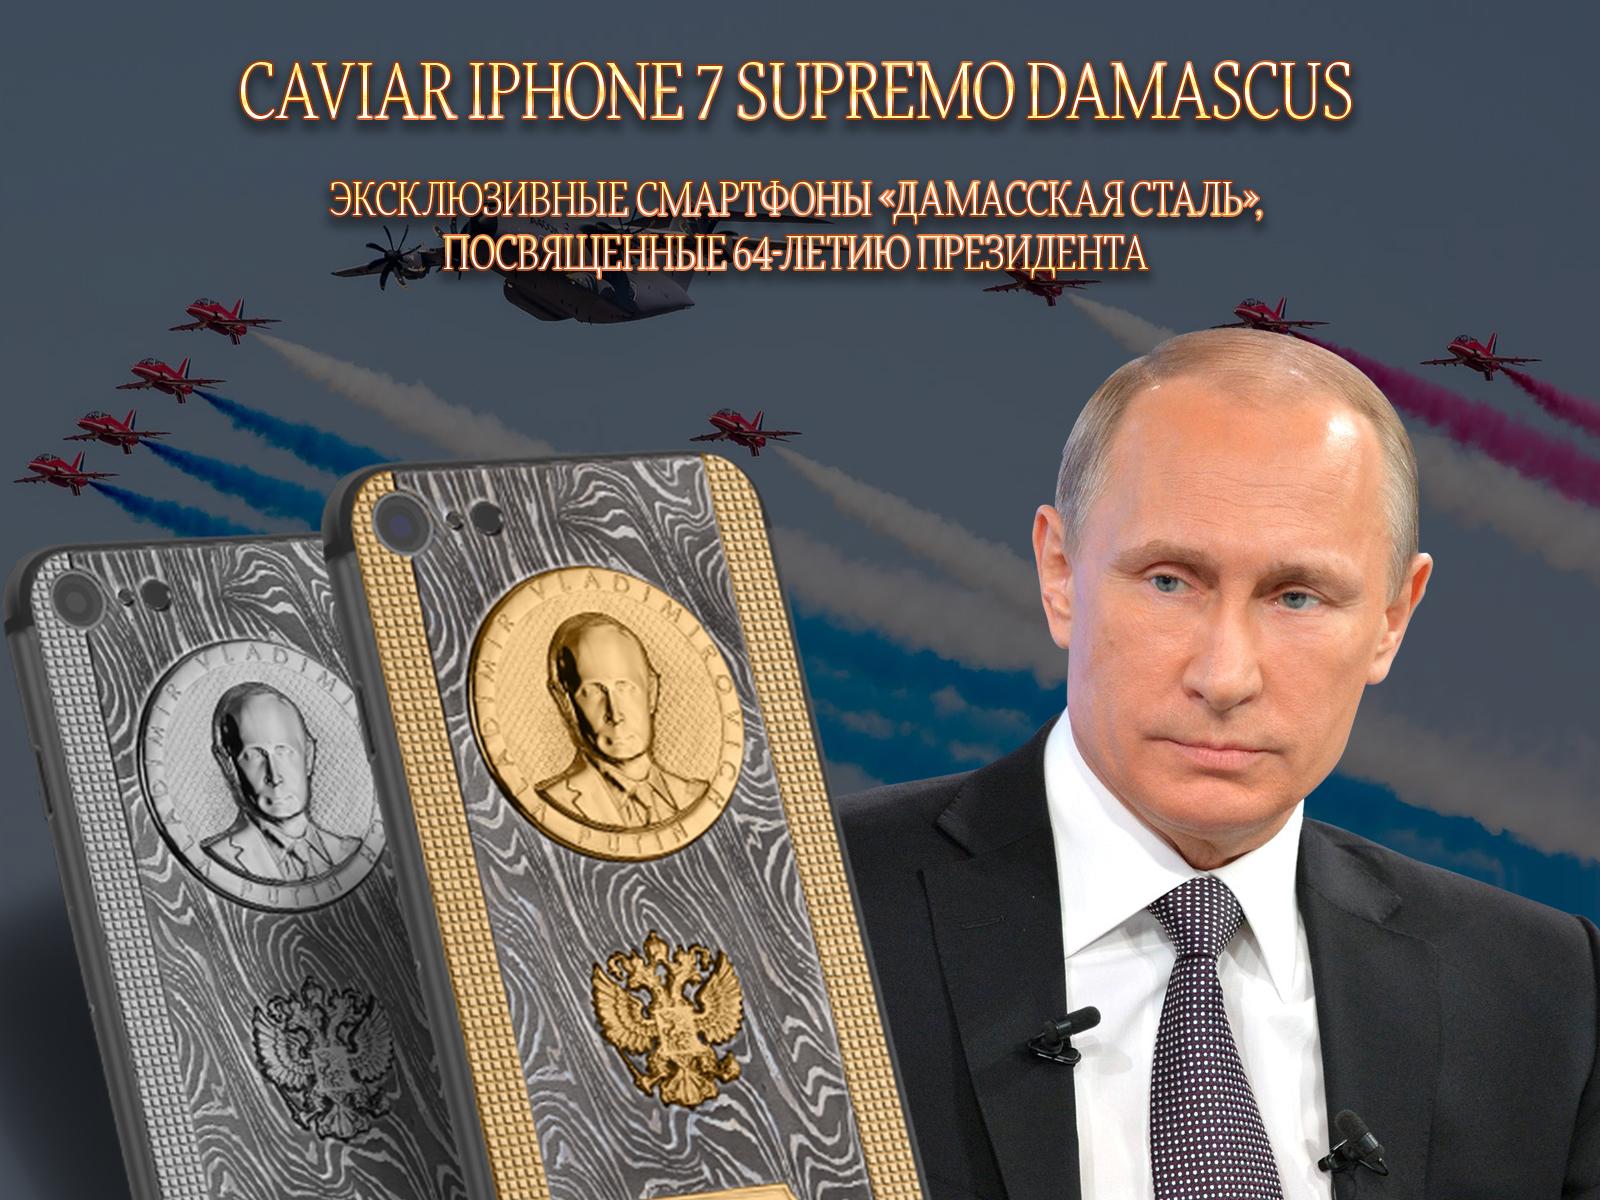 Итальянская компания выпустила люксовый смартфон ко дню рождения Путина